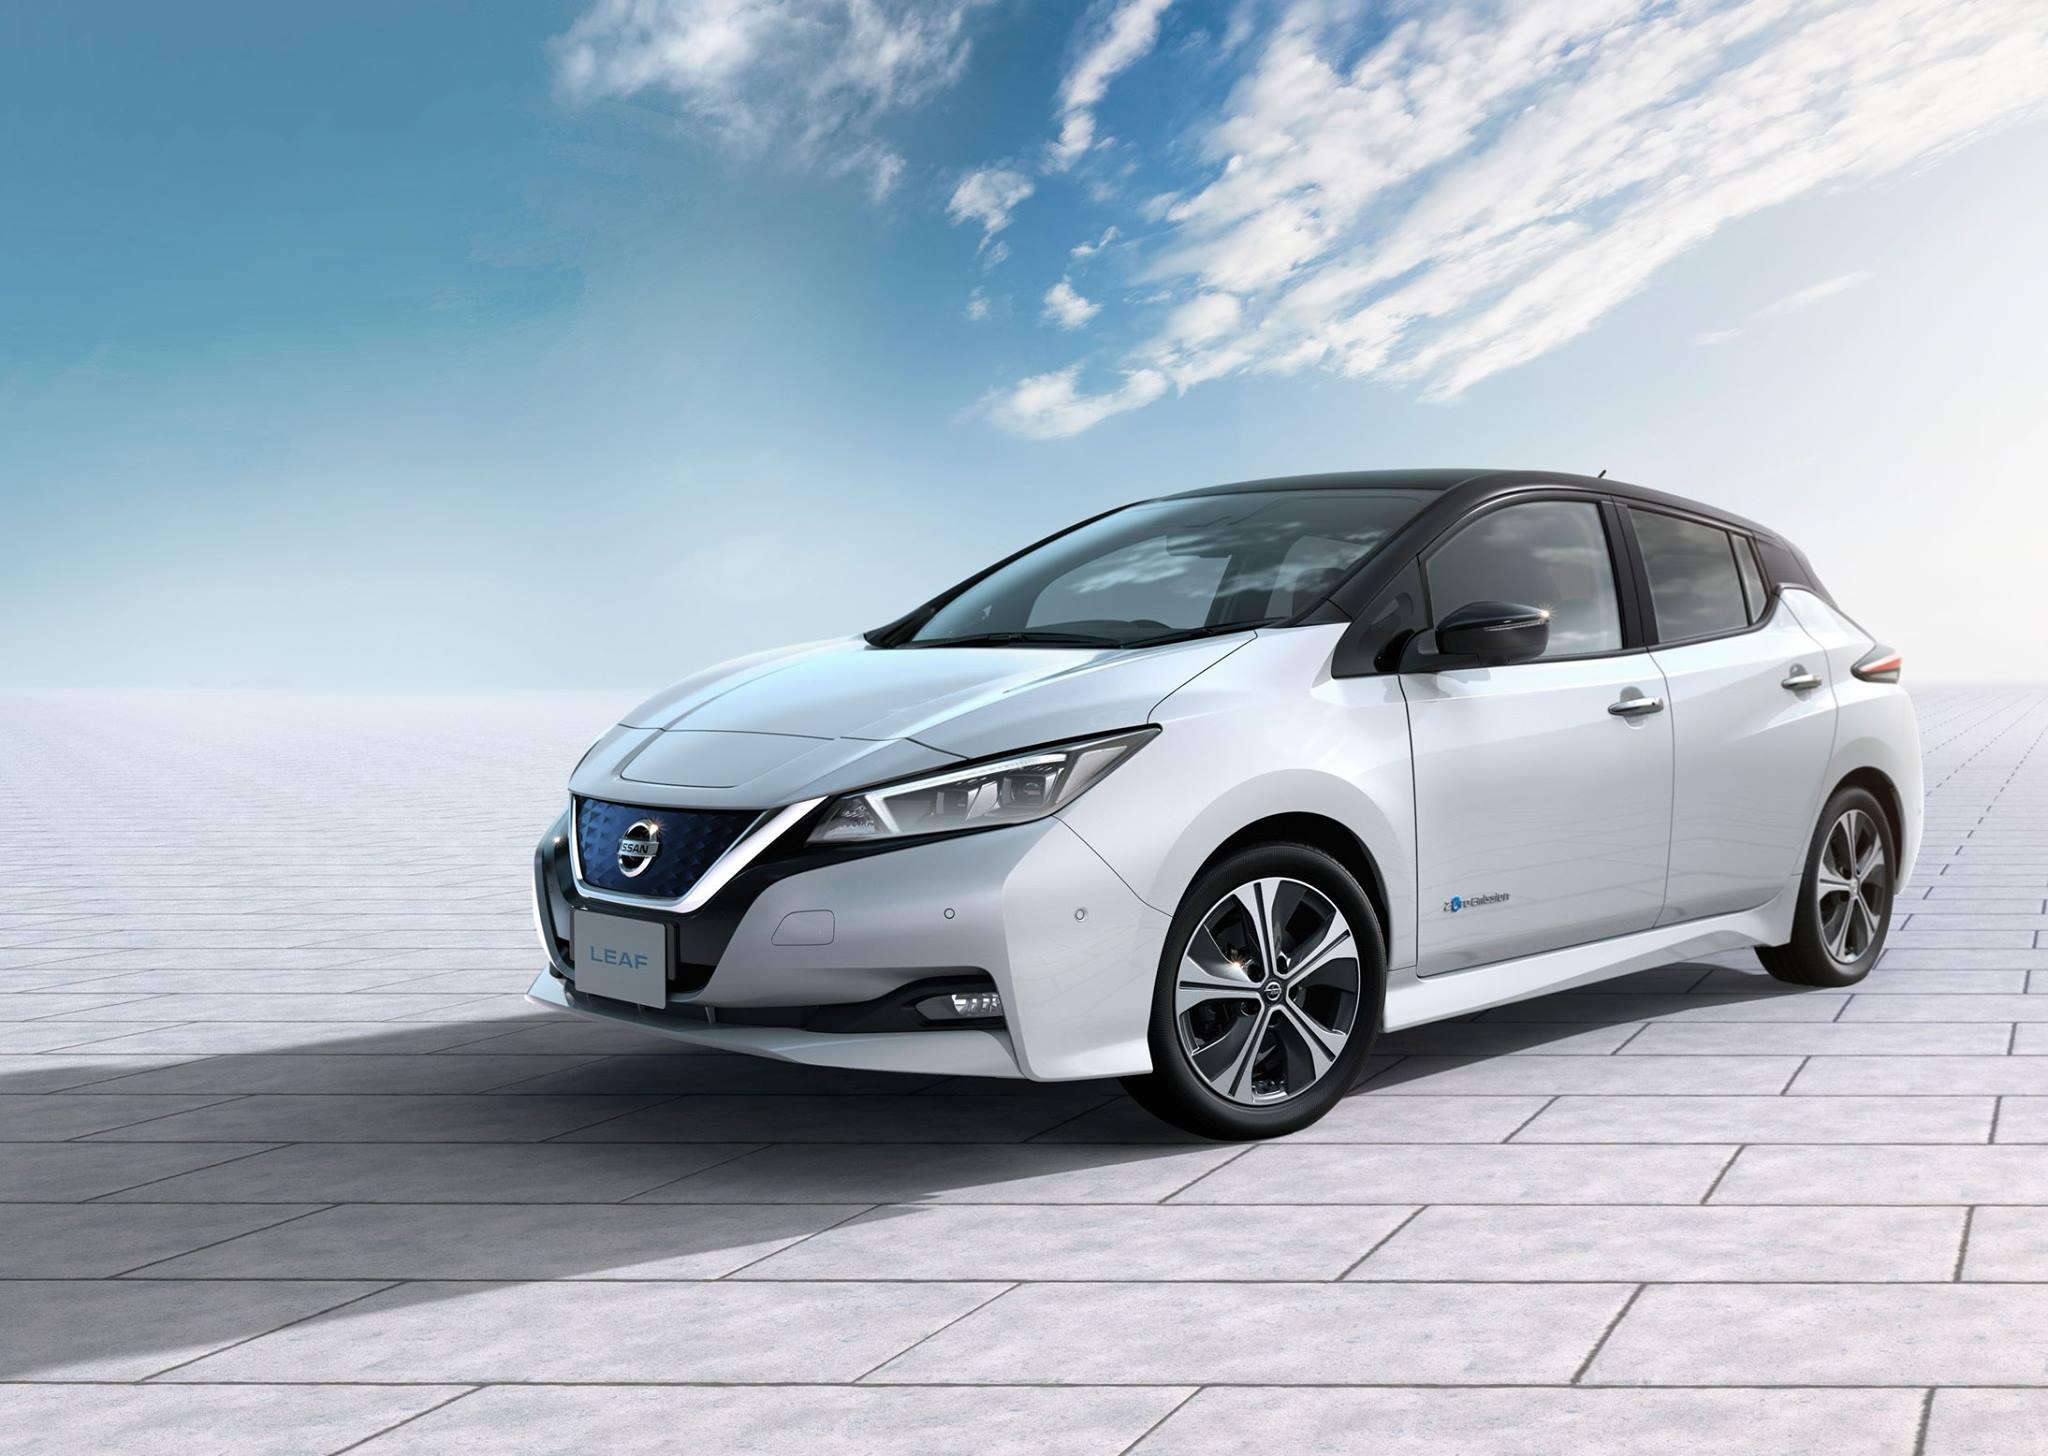 Στα μέσα Μαΐου θα έρθει στην Ελλάδα το 2ης γενιάς Nissan LEAF